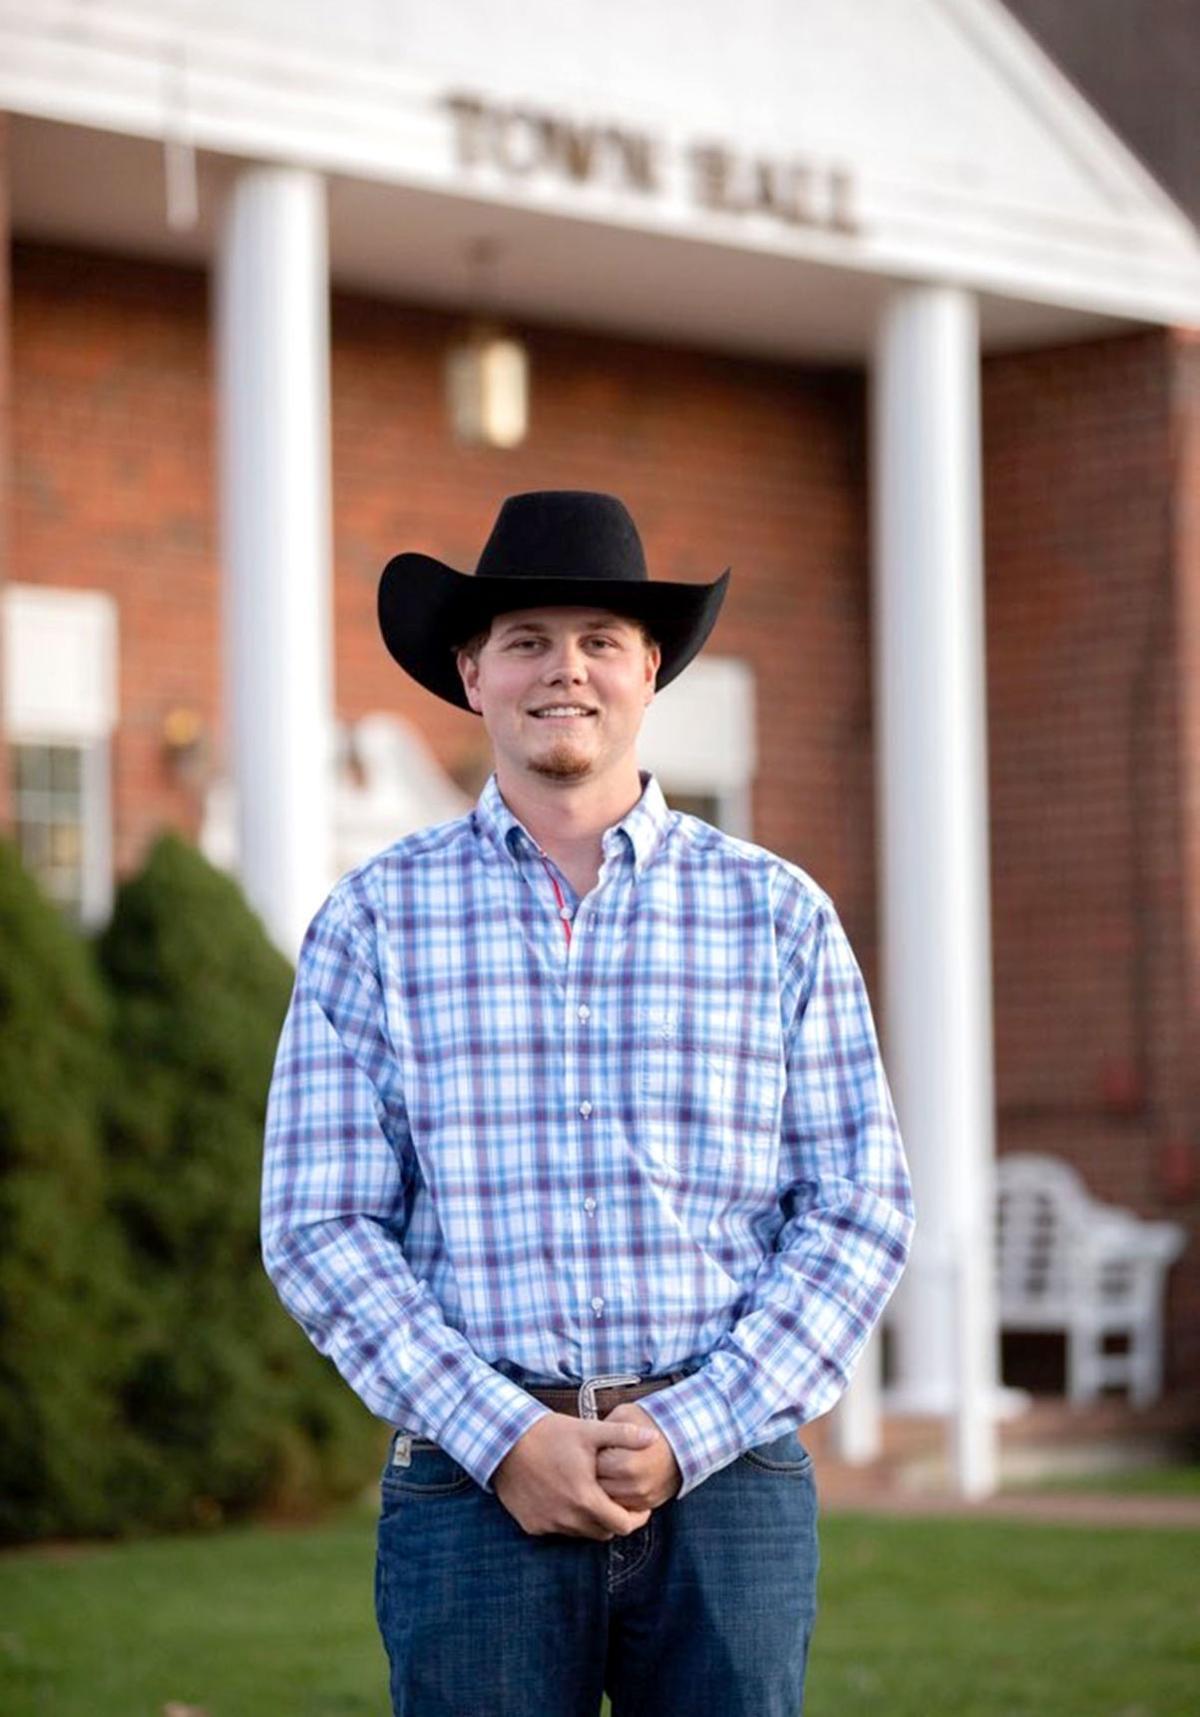 BHC 11142020 Luke Phillips Cedar Bluff Mayor 01